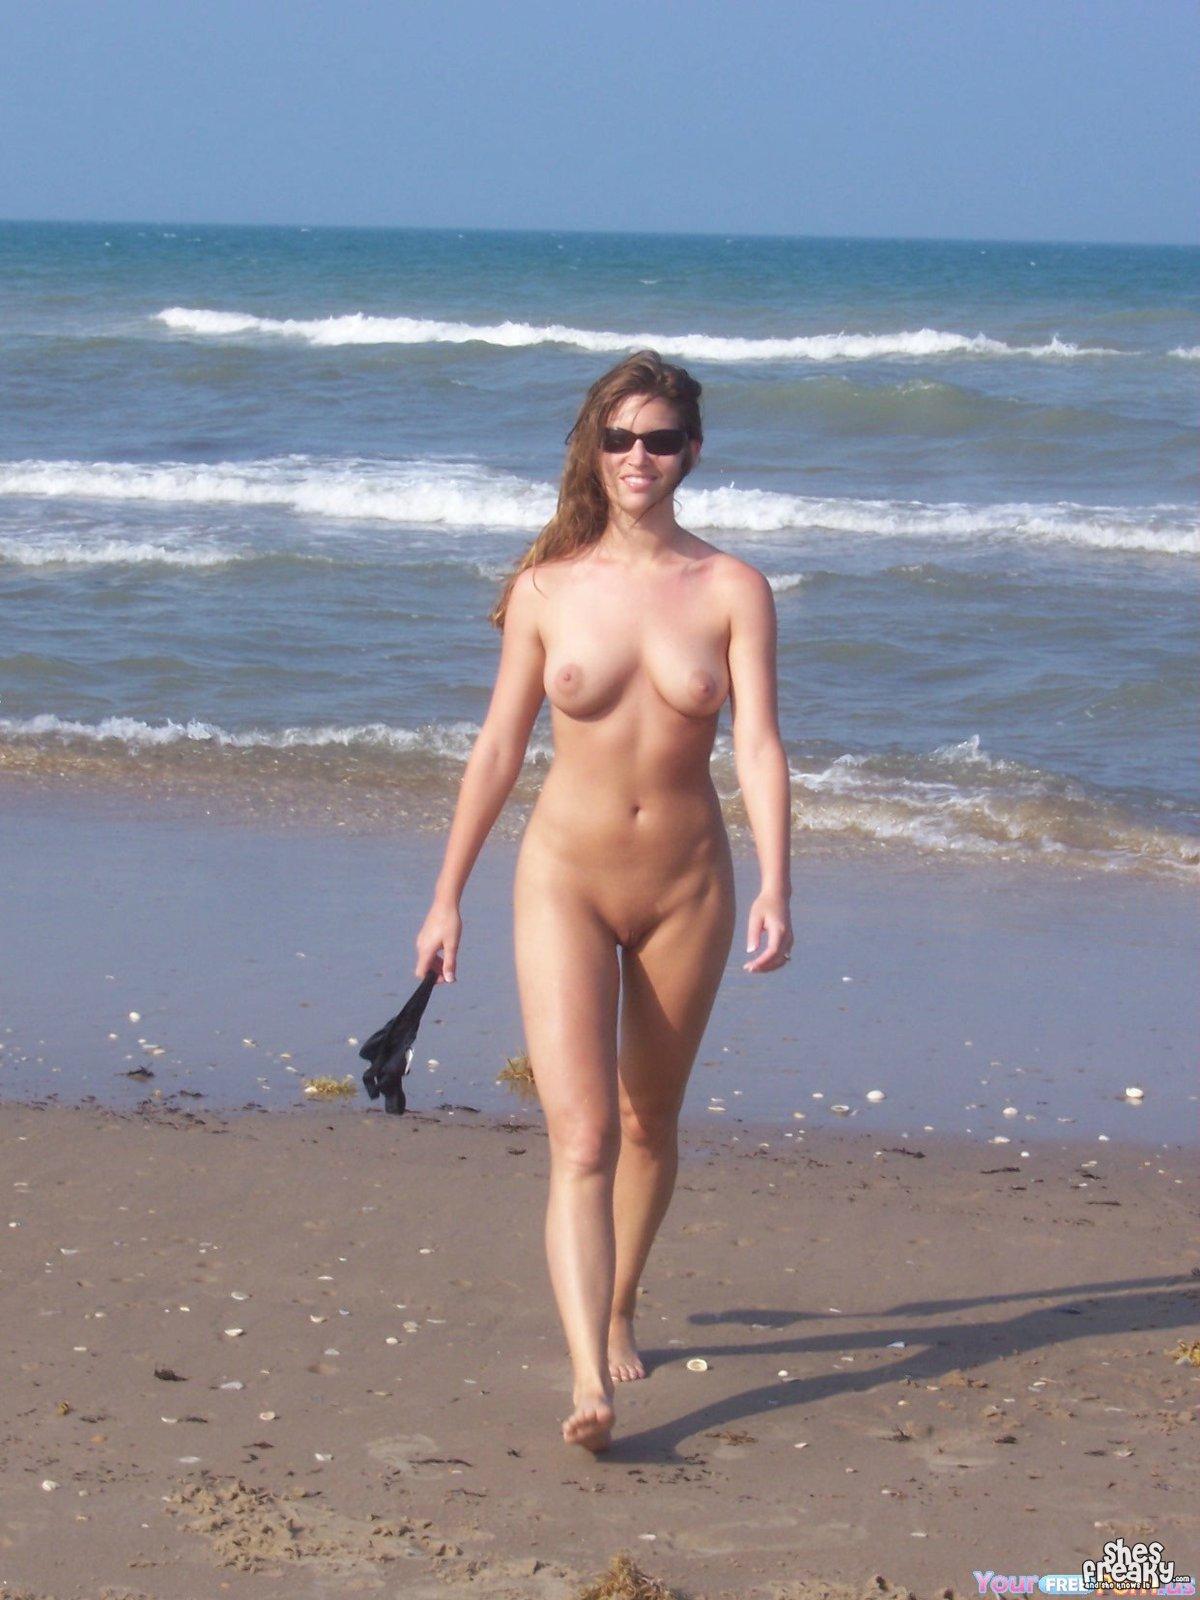 Mature Nude Beach Photos